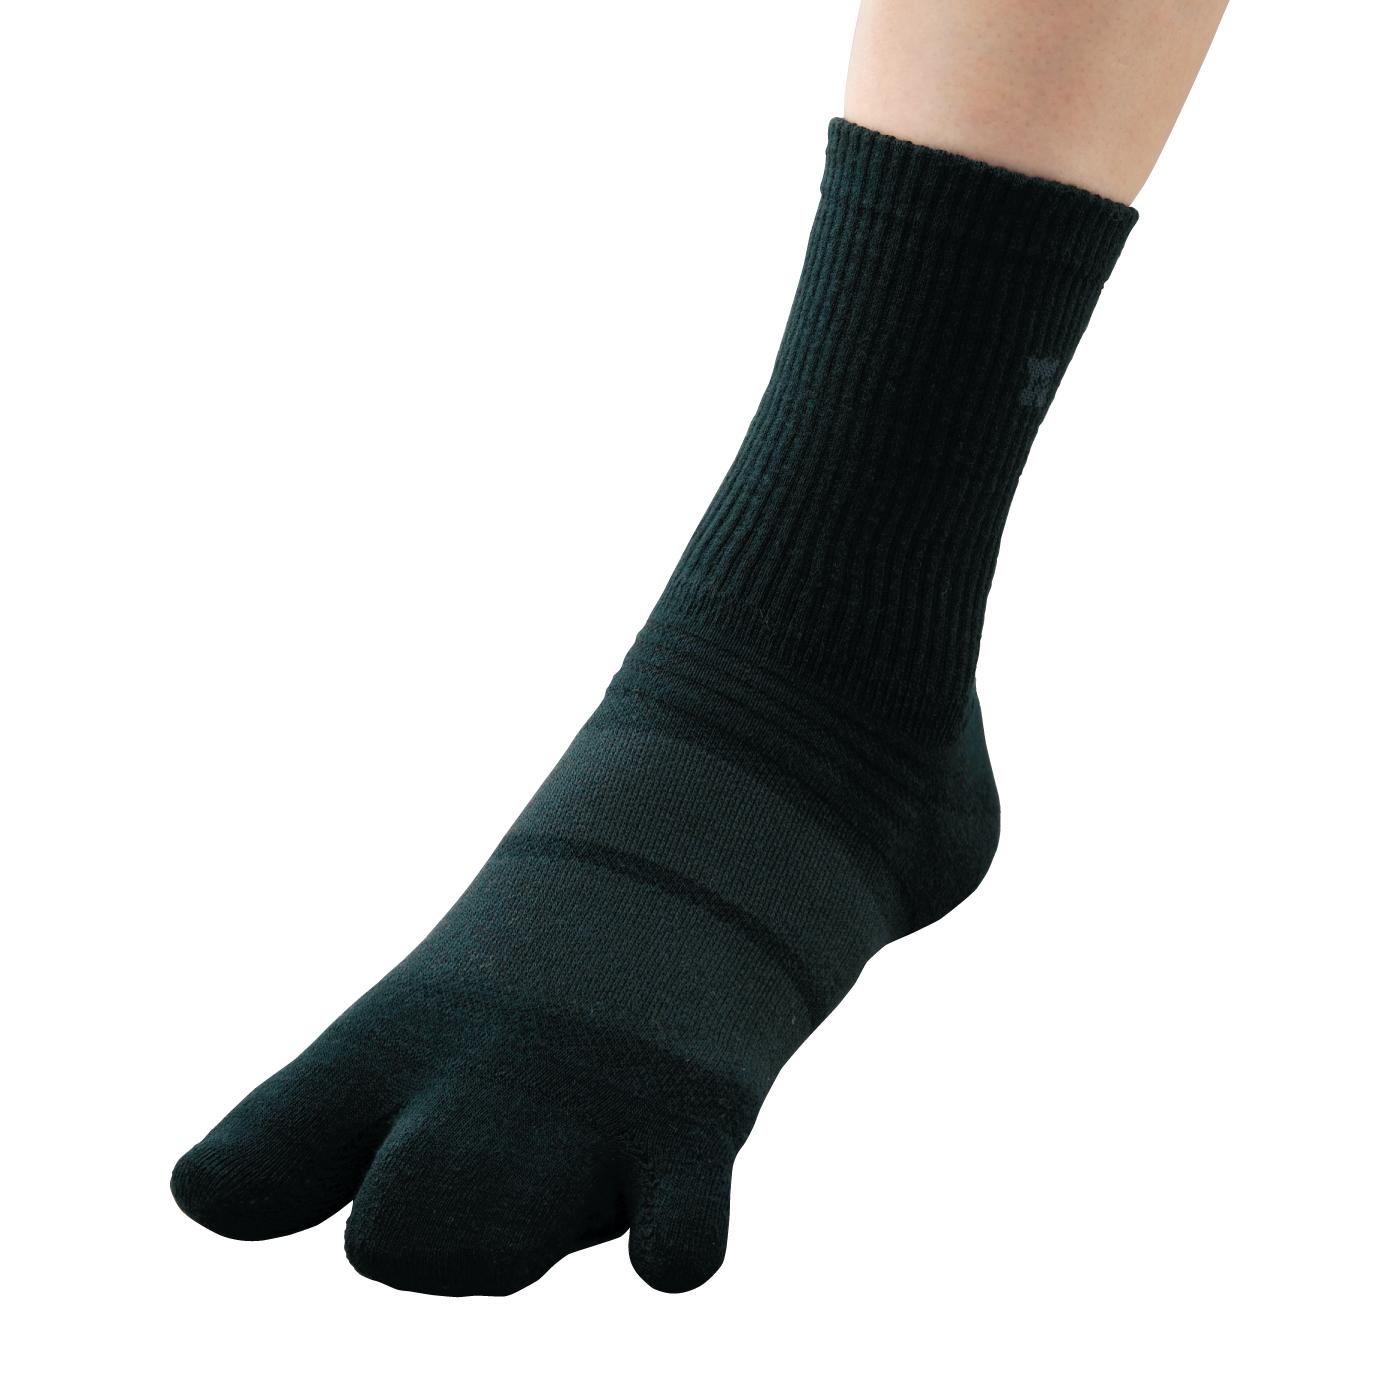 足のふんばりをサポート! 3指ソックススタンダードジャスト丈【ブラック】の会